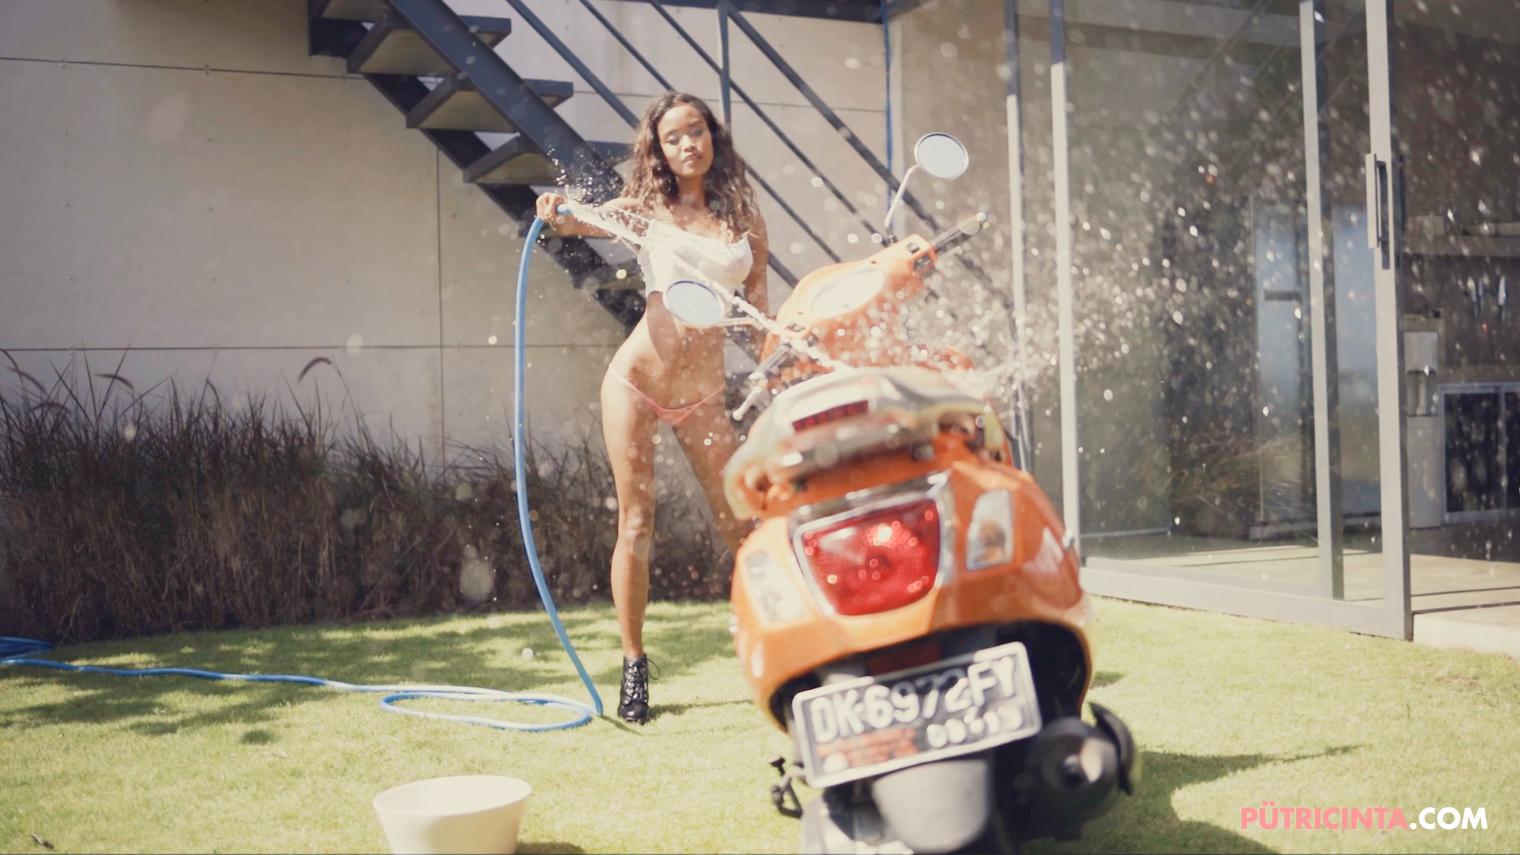 025-BikeWash-Putri-Cinta-Teaser-Stills-30.jpg